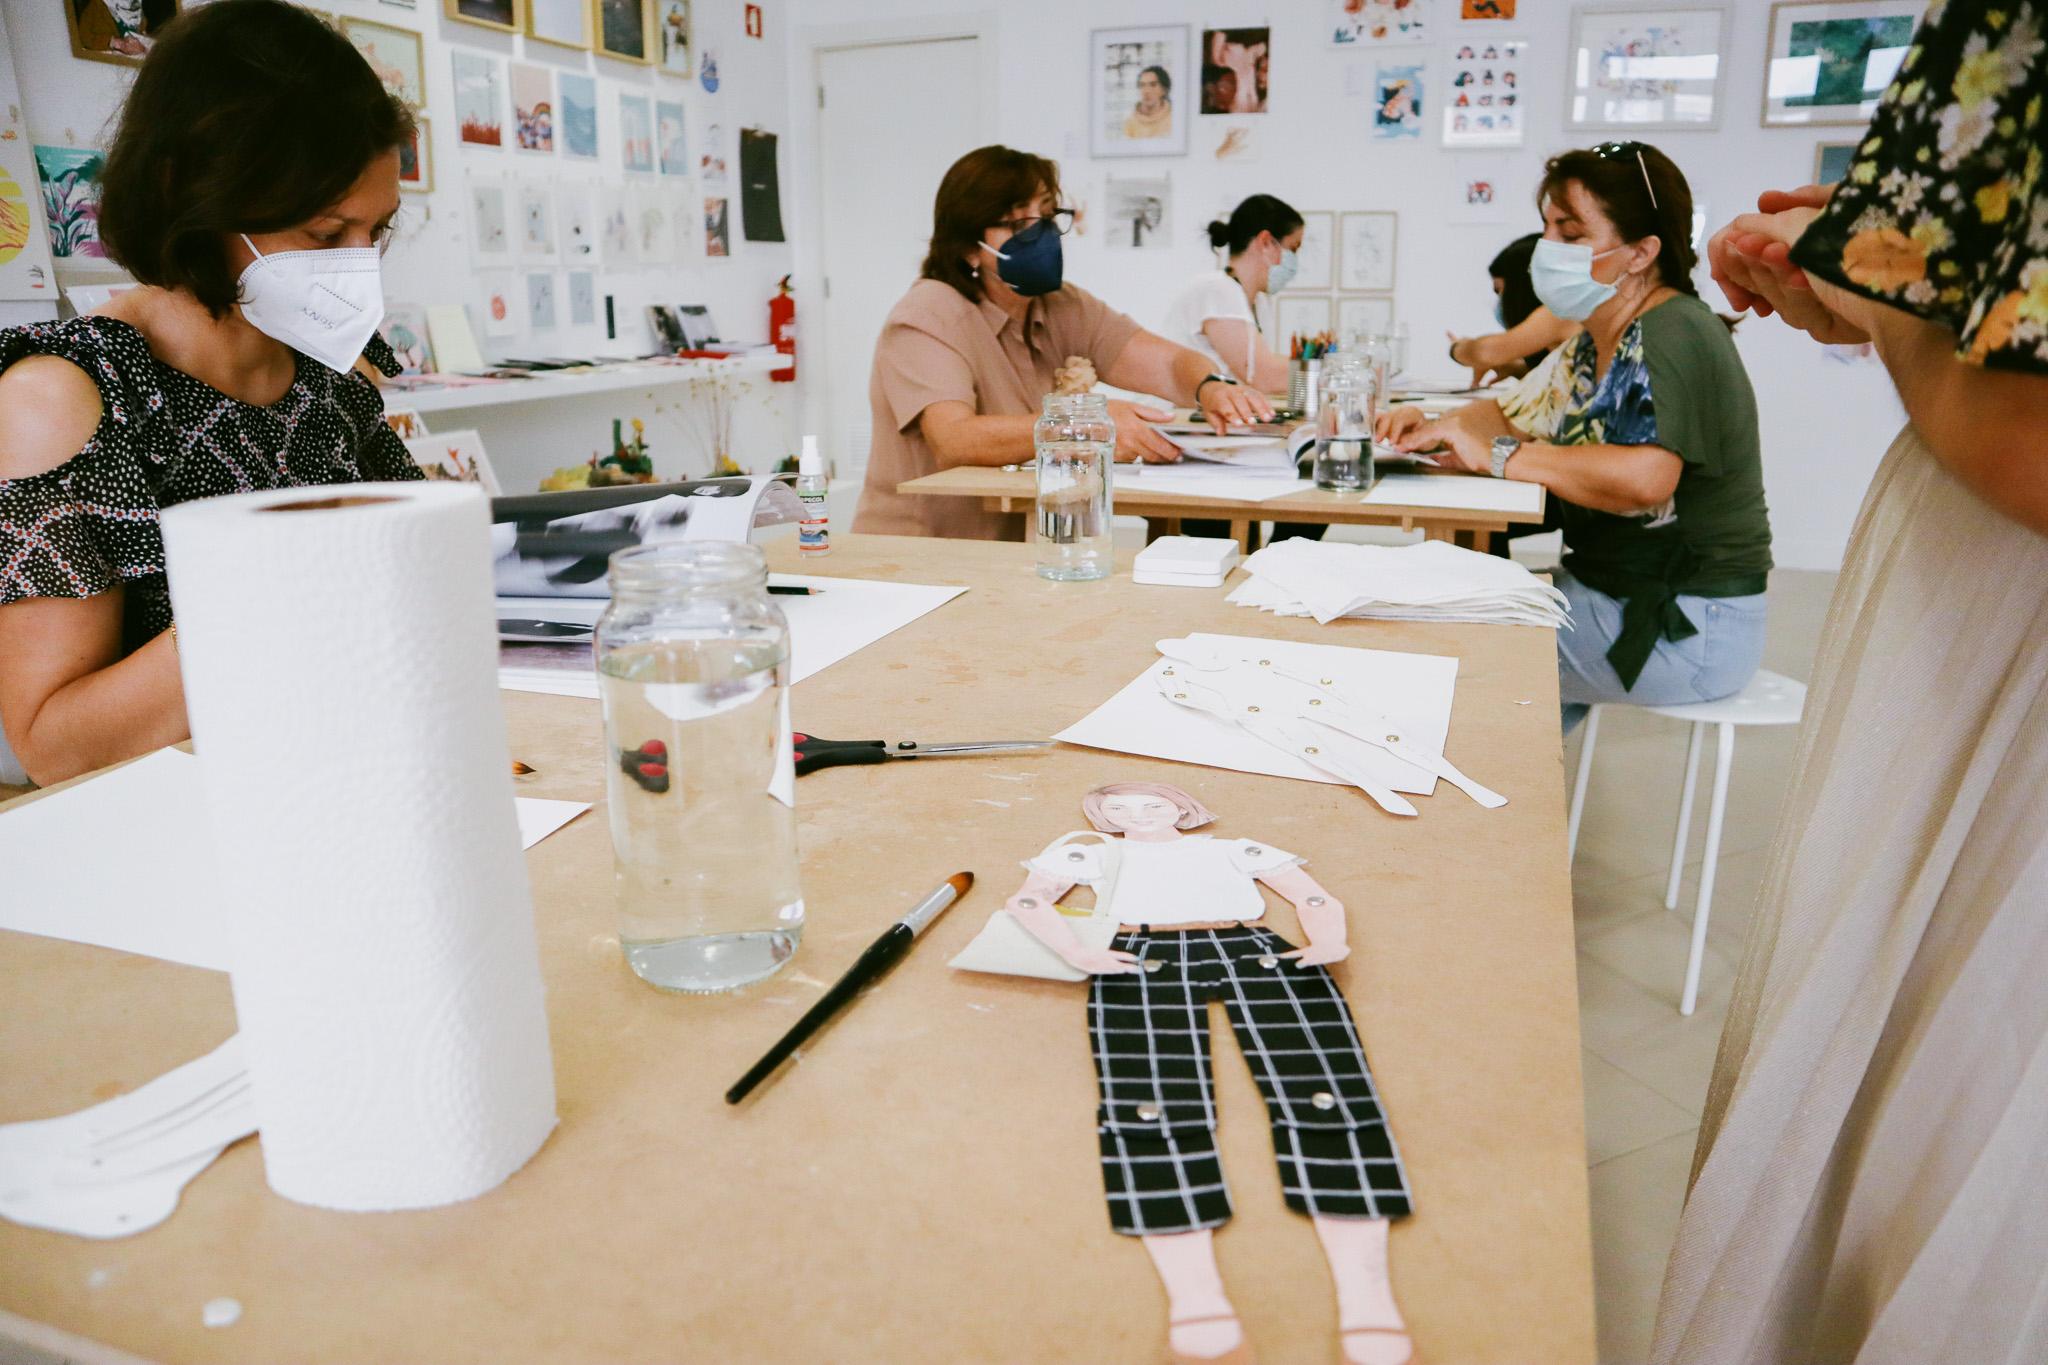 Oficina de Ilustração: Bonecas de Papel Articuladas